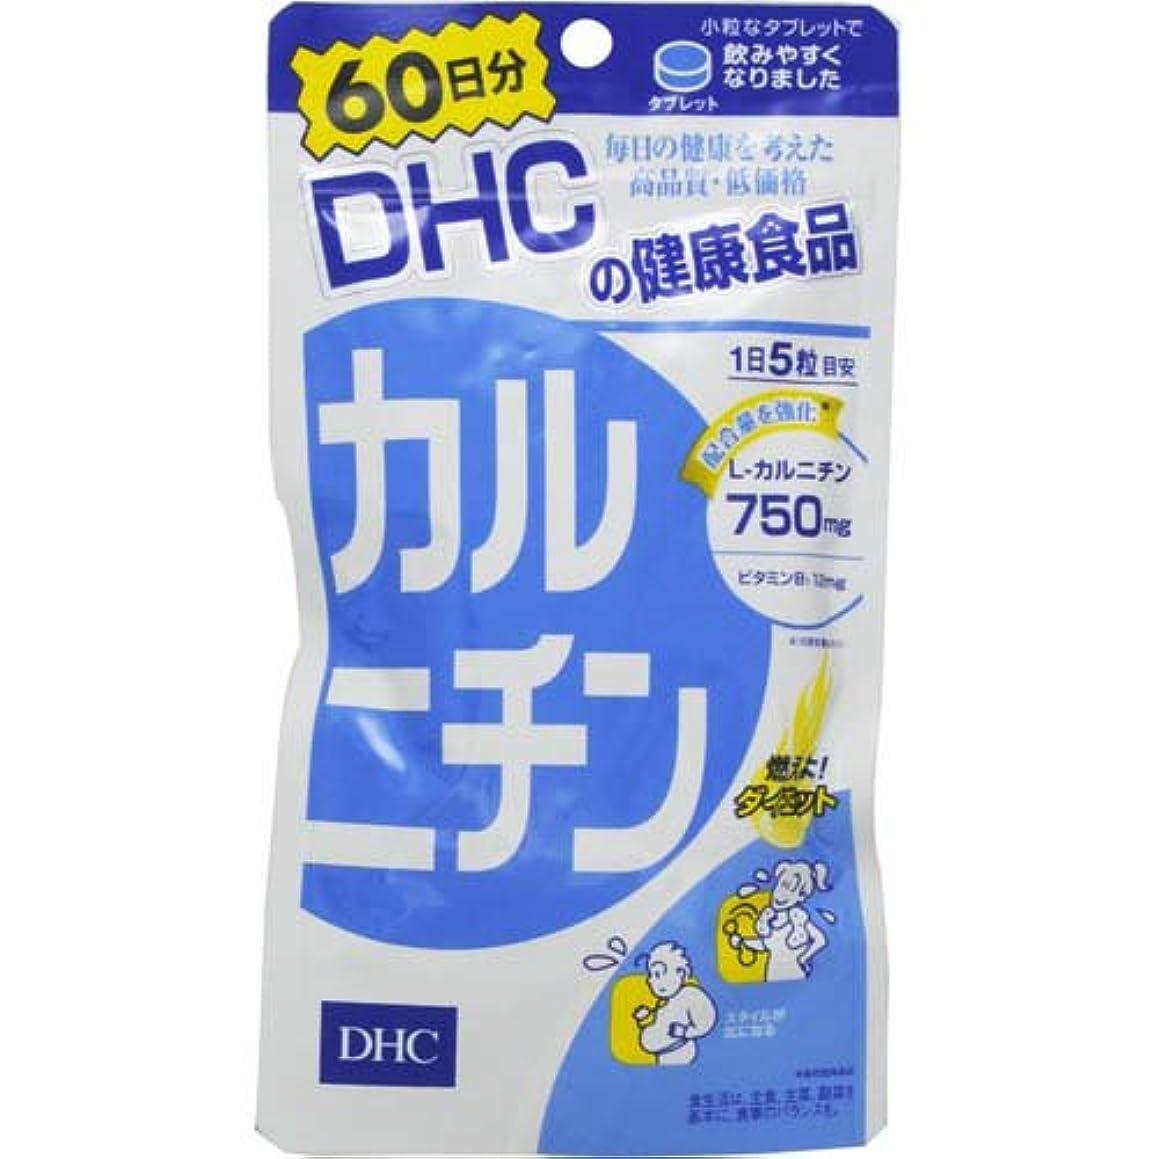 シャンパン有名独特のDHC カルニチン 60日分 300粒